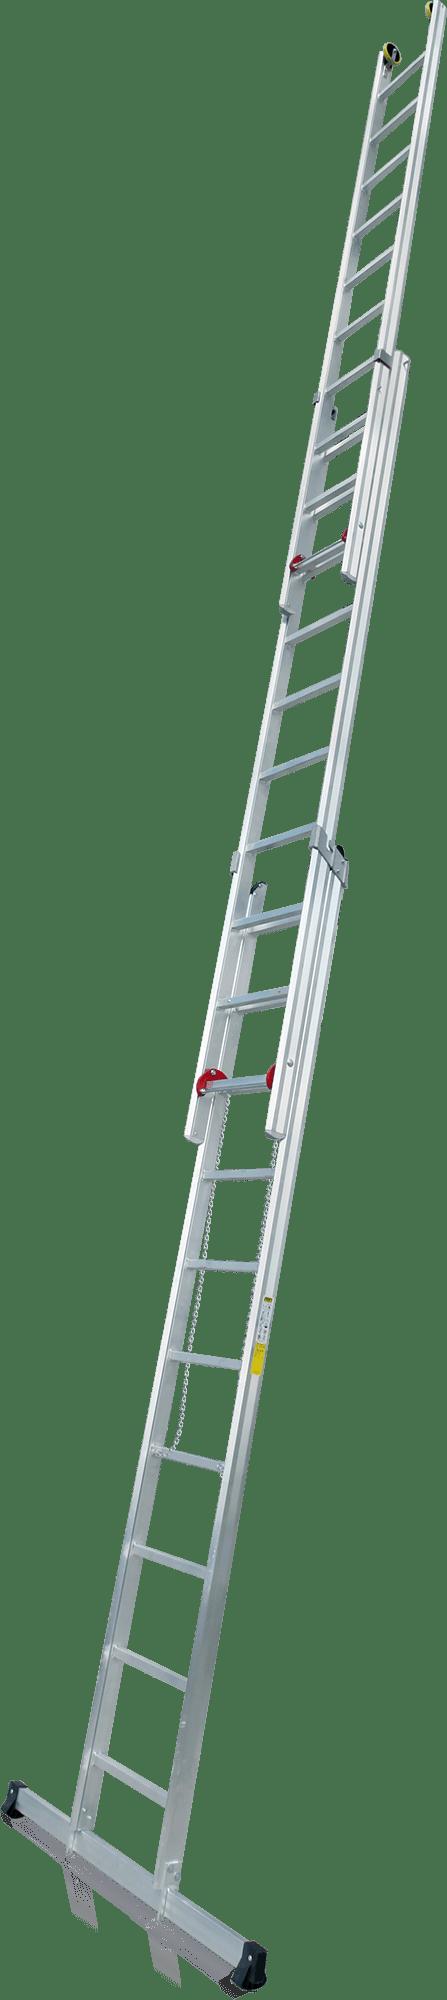 trojdielny rebrík 53